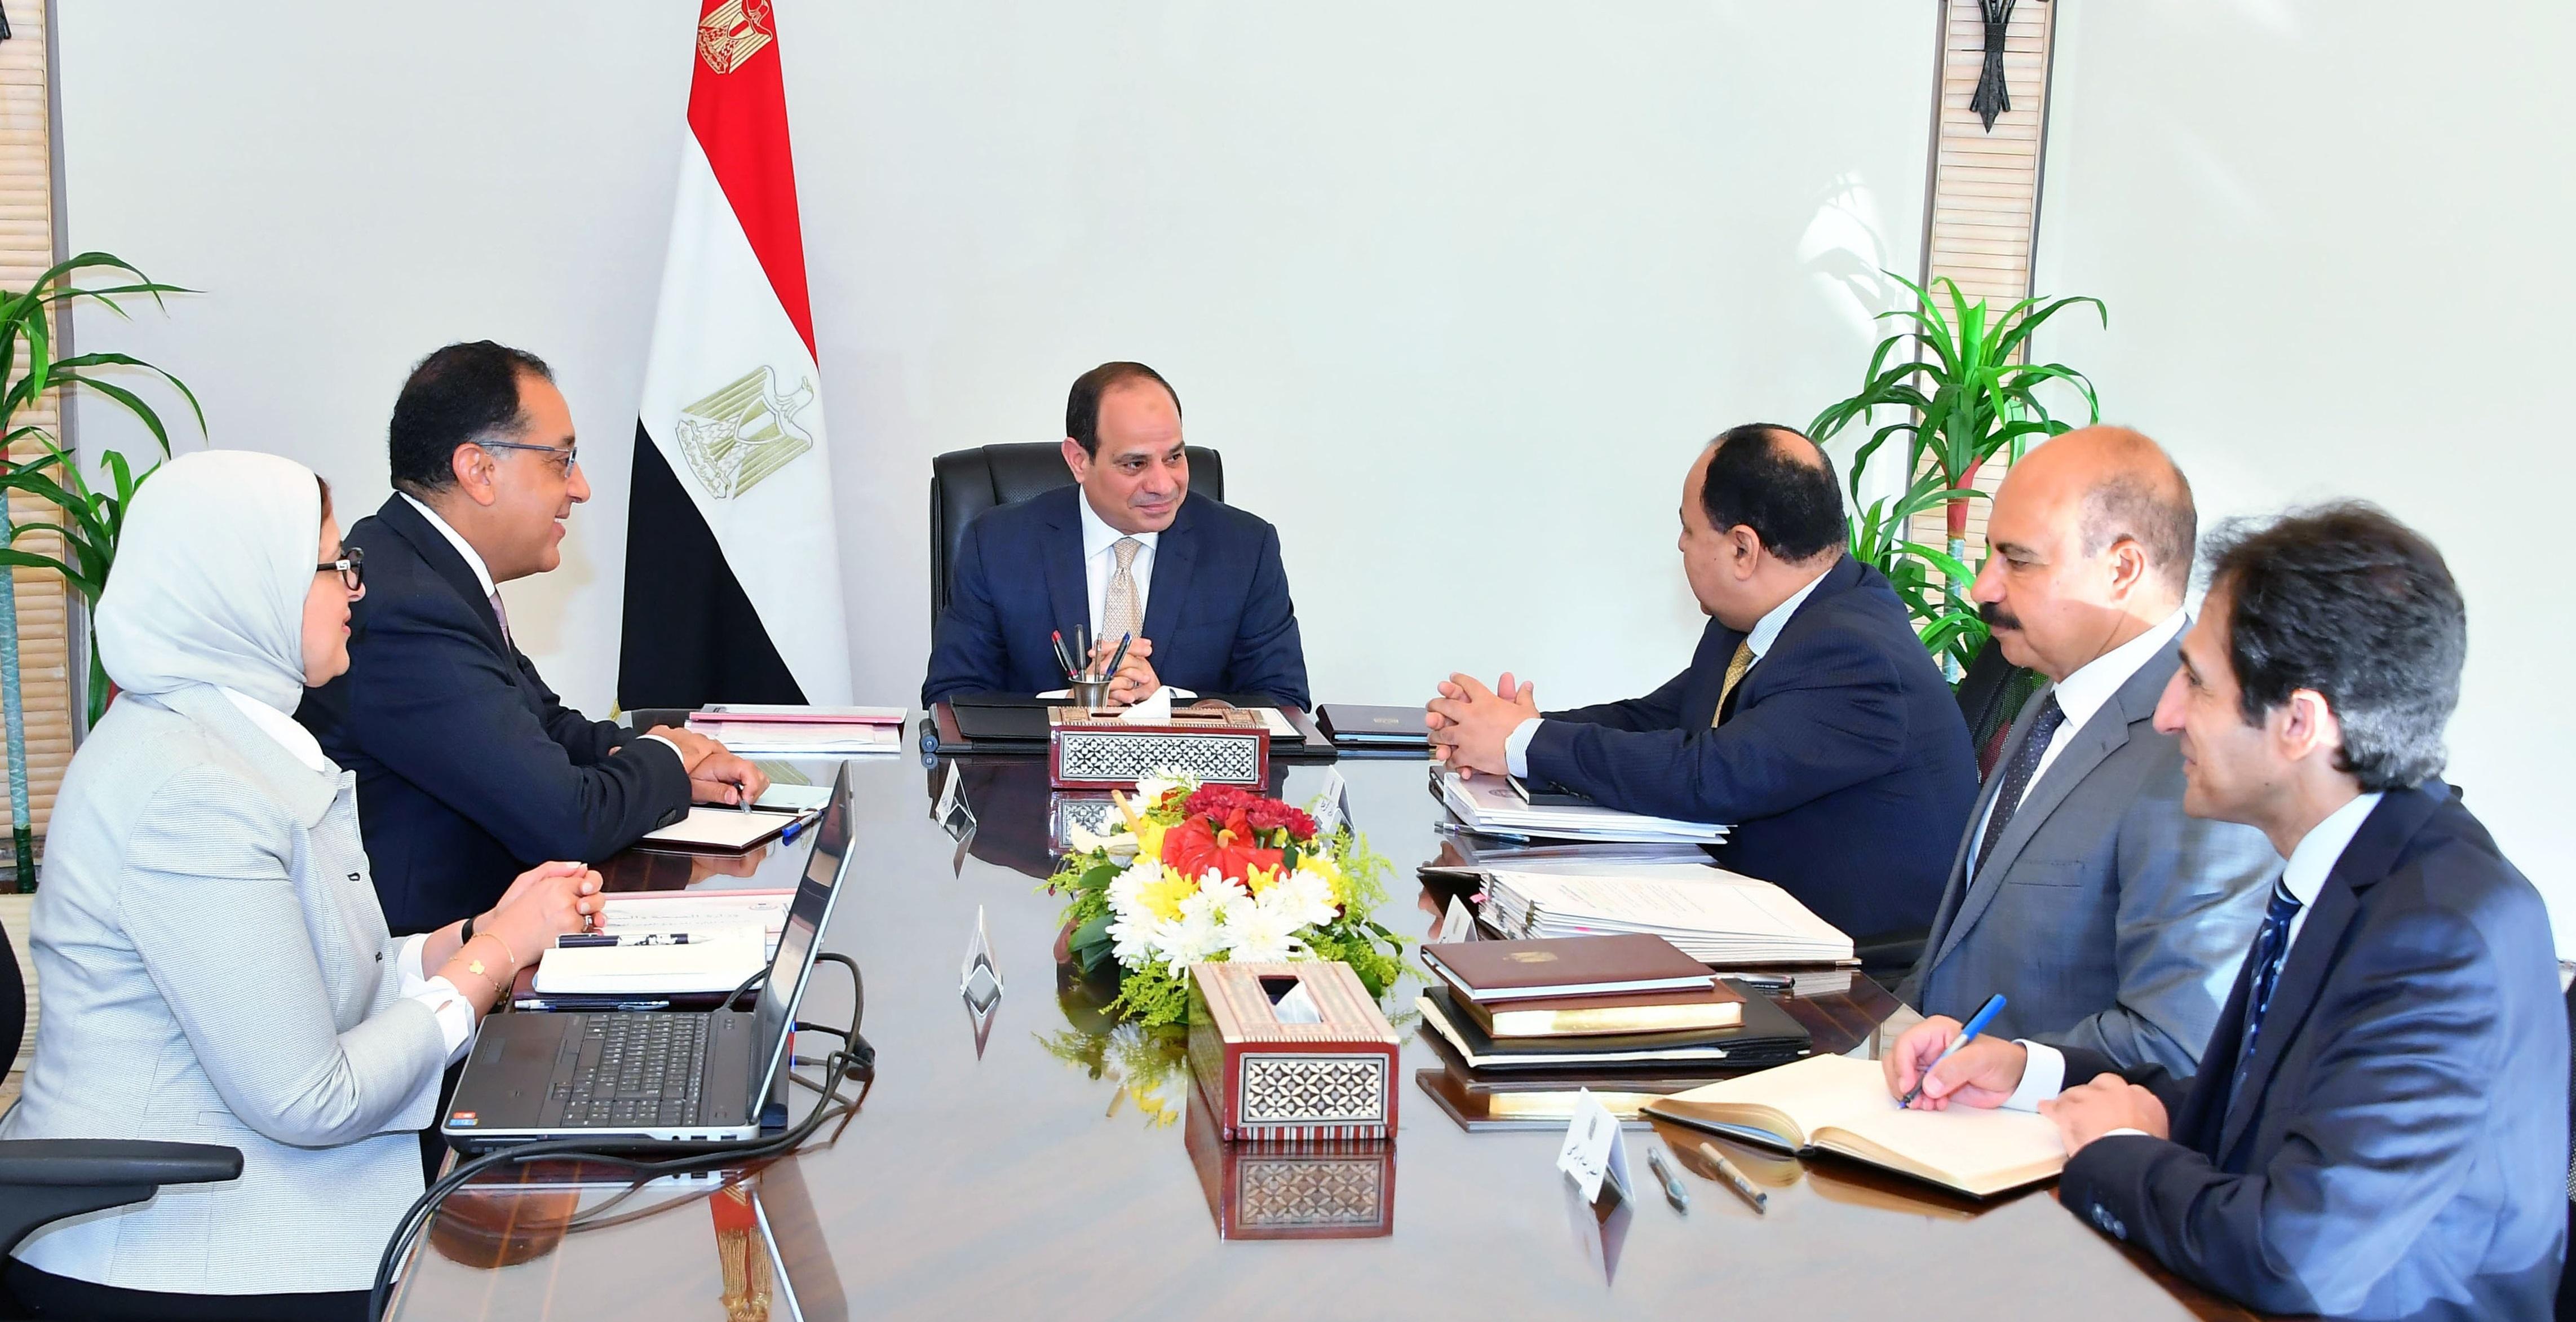 السيد الرئيس يعقد اجتماعاً مع السيد رئيس الوزراء ووزيري المالية والصحة (4)